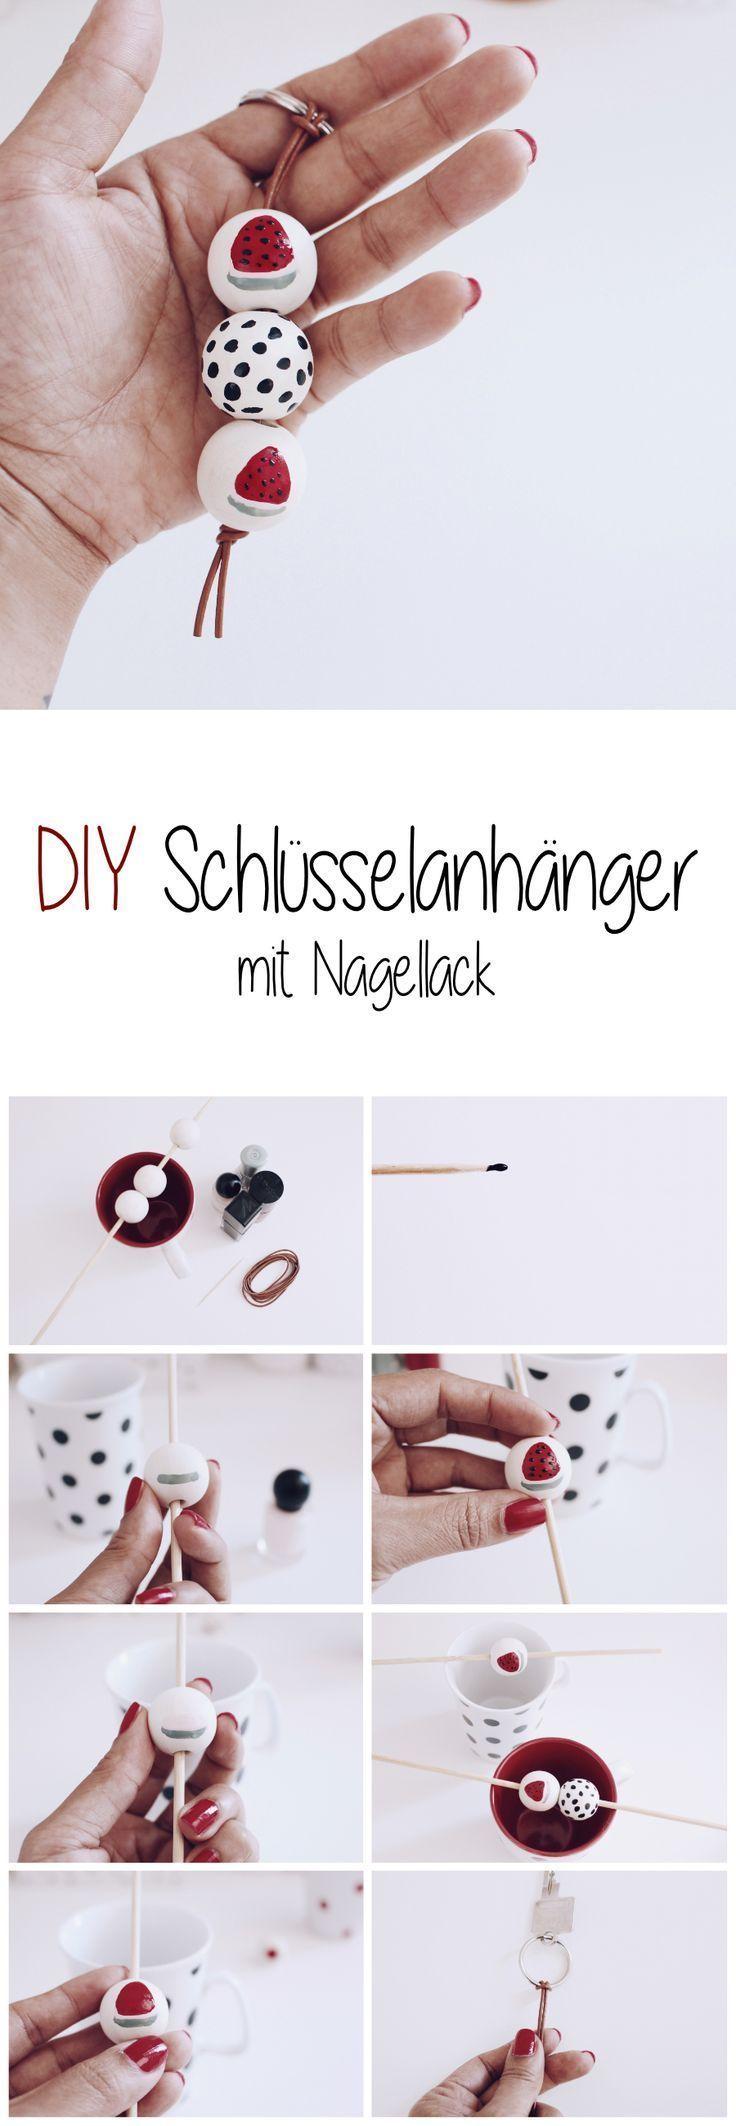 DIY Schlüsselanhänger mit Nagellack selber mache…